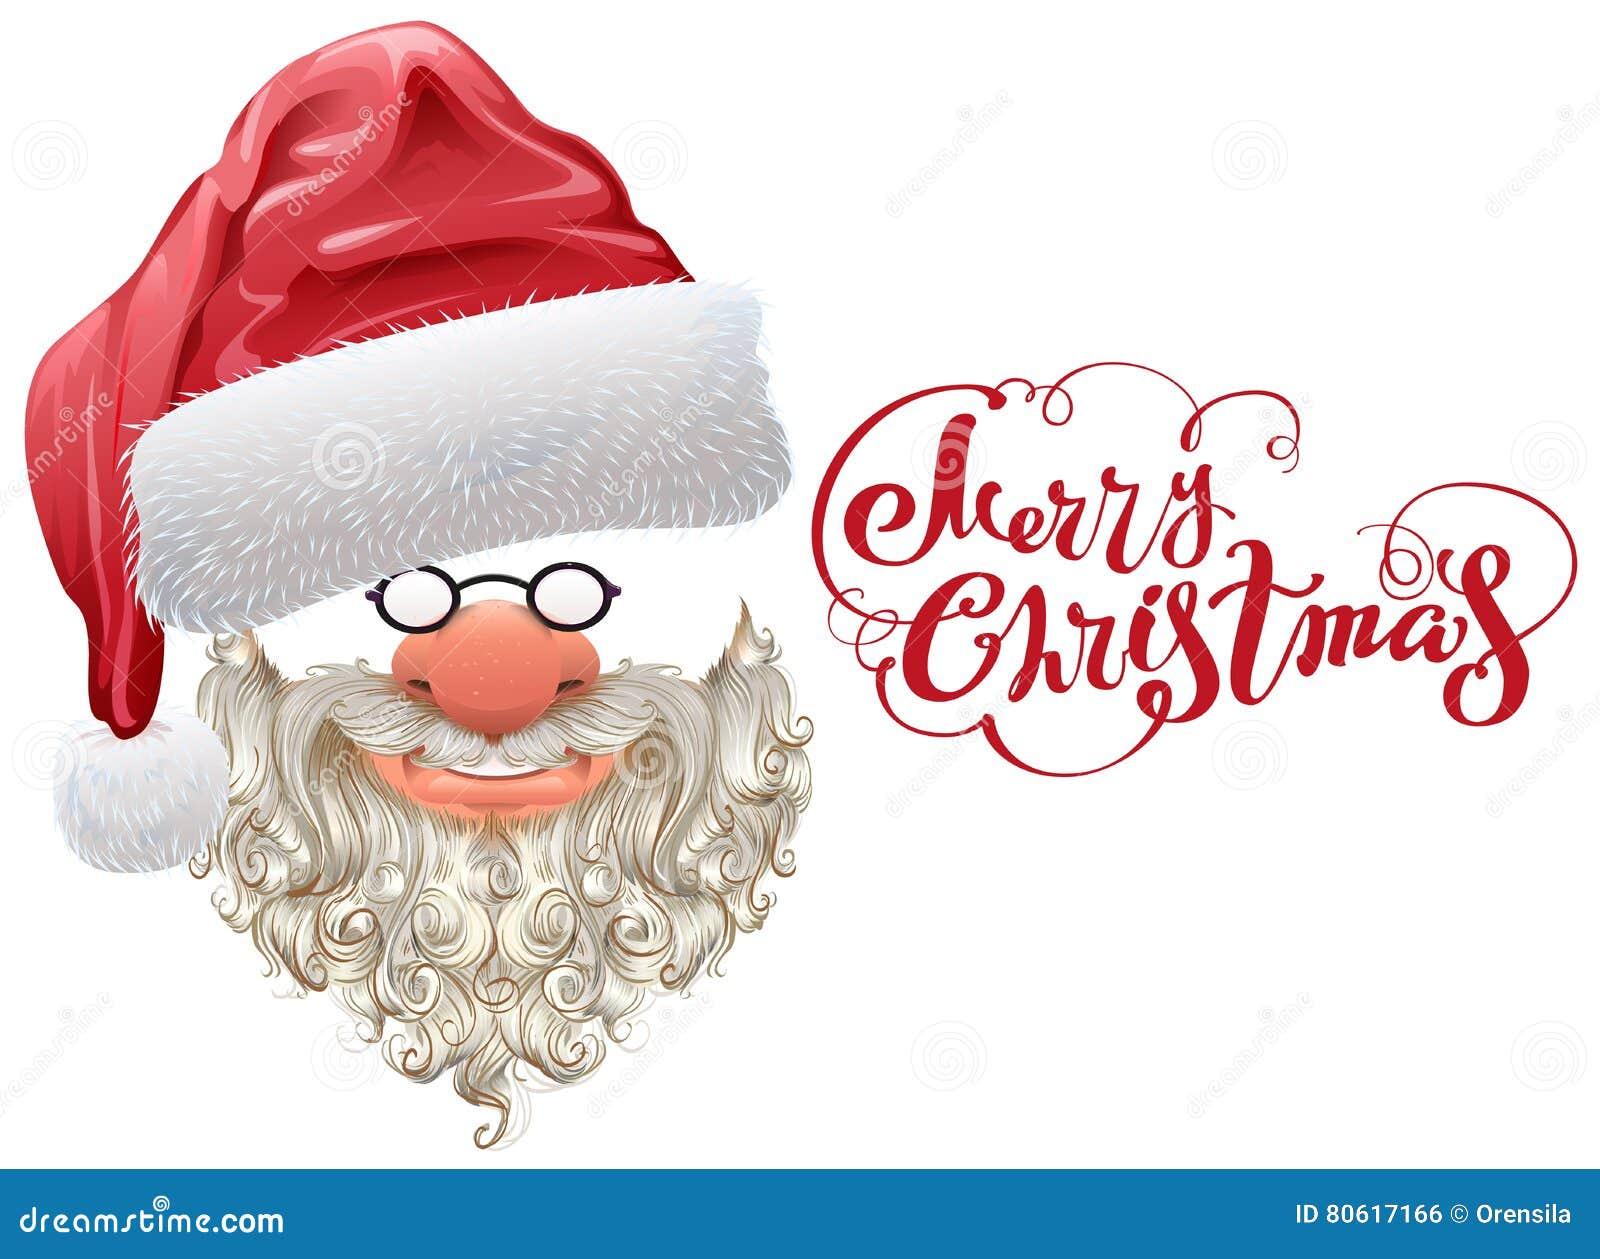 Roter Sankt-Hut, Bart Und Beschriftung Der Frohen Weihnachten Vektor ...